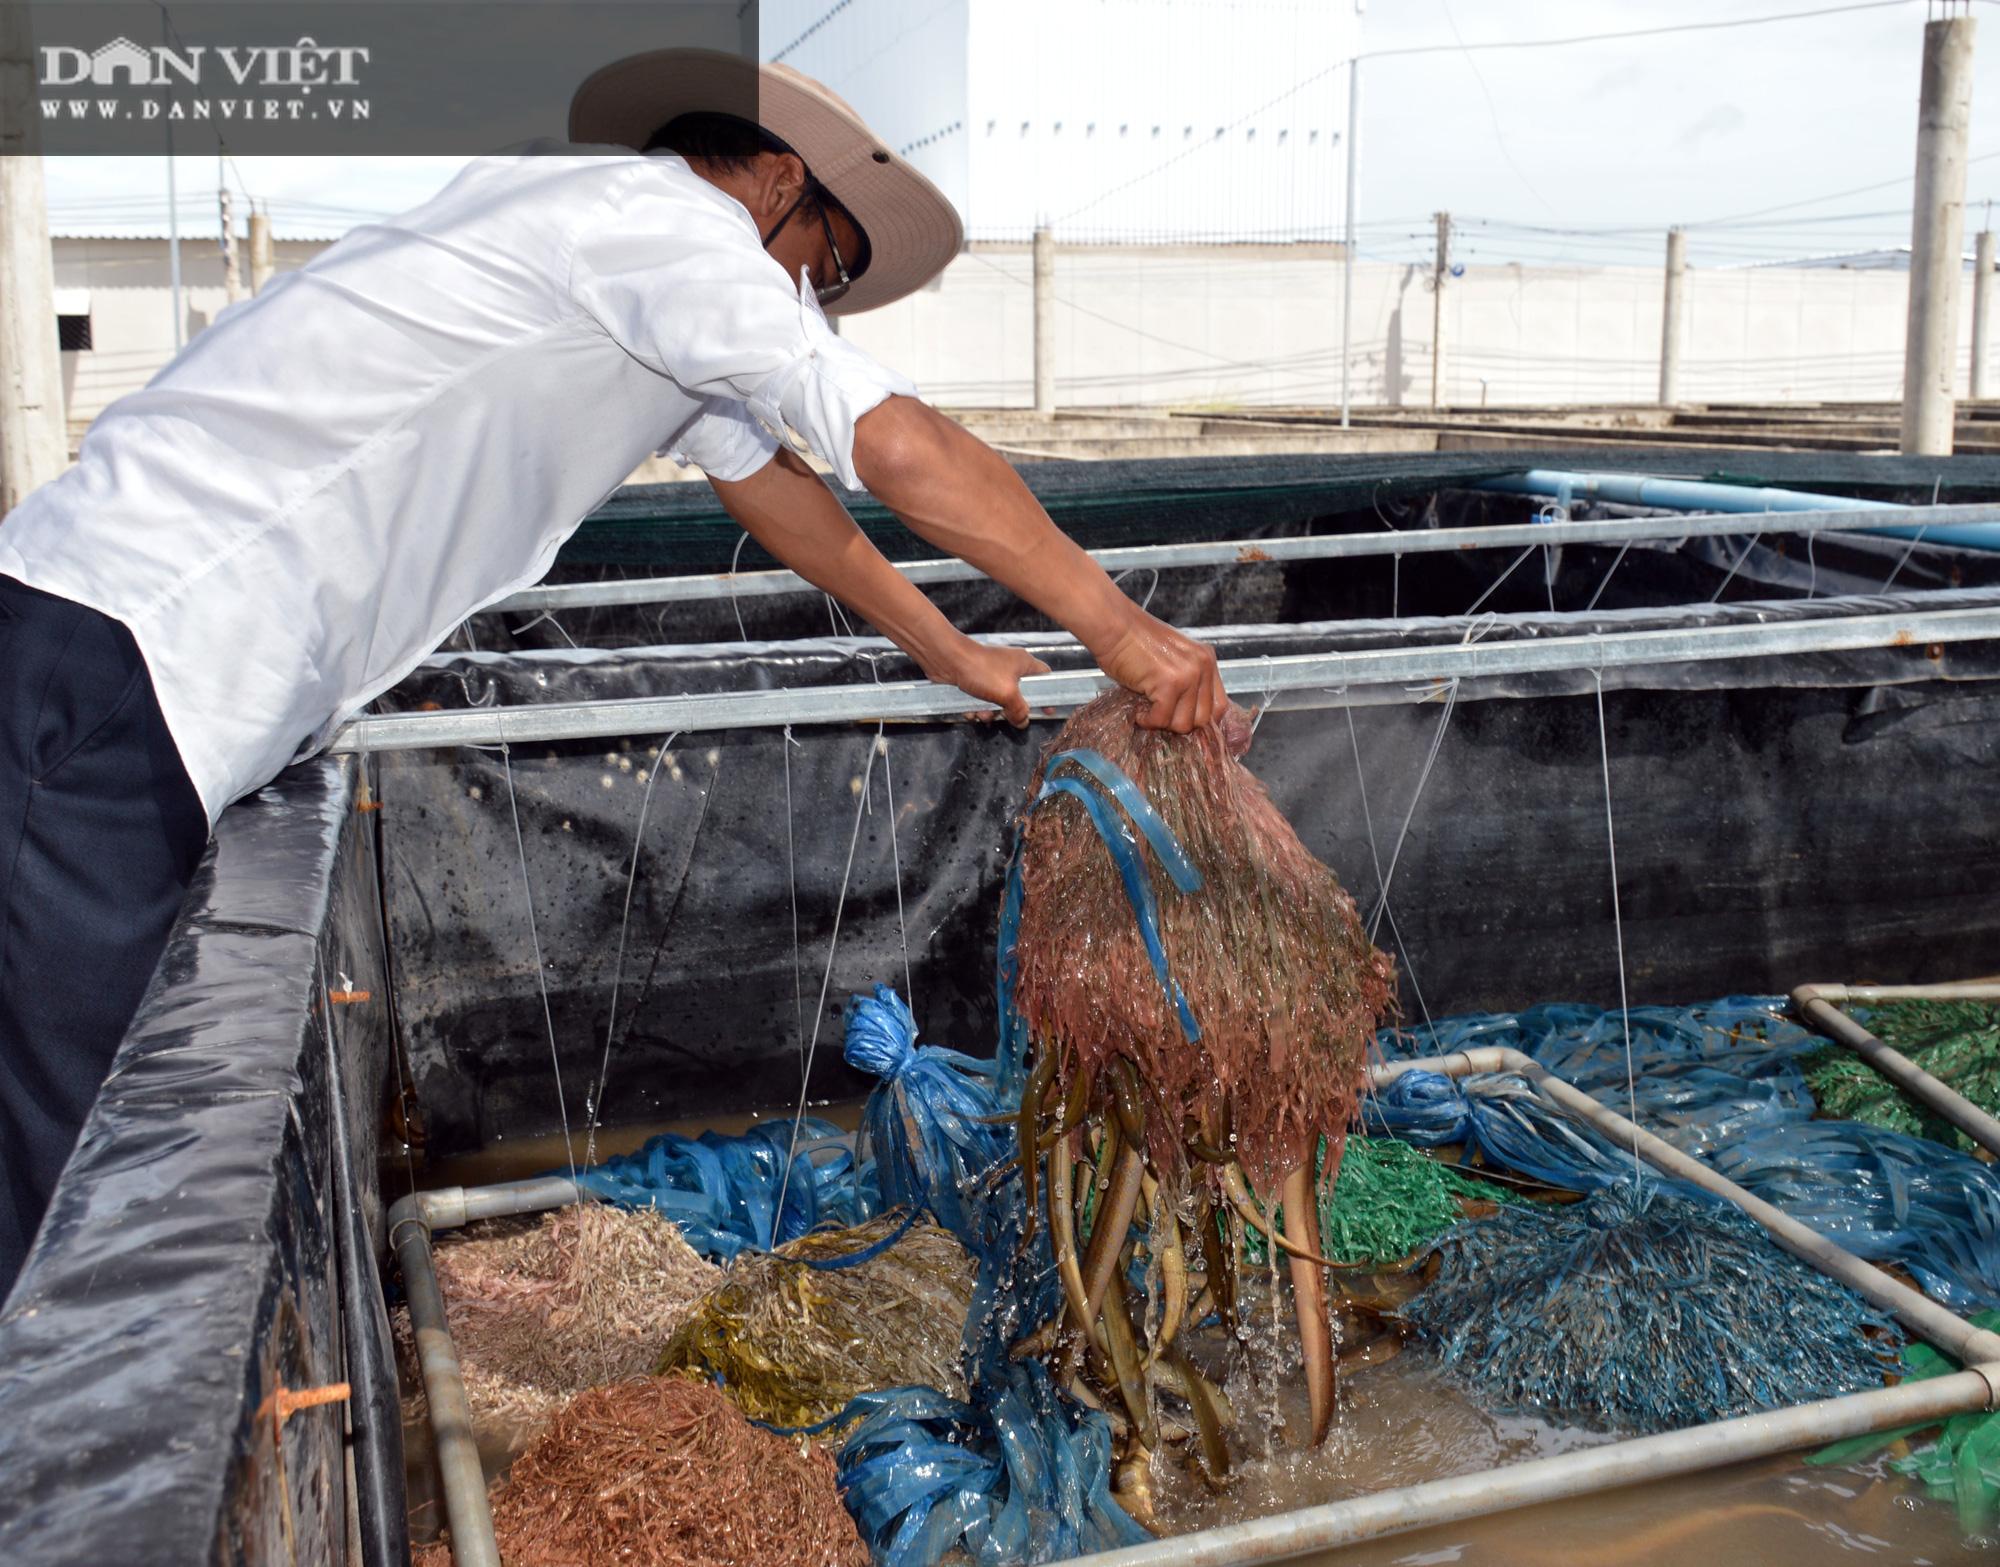 Chàng tỷ phú nông dân nuôi lươn không bùn công nghệ cao, thu lãi 40-50%/vụ - Ảnh 2.